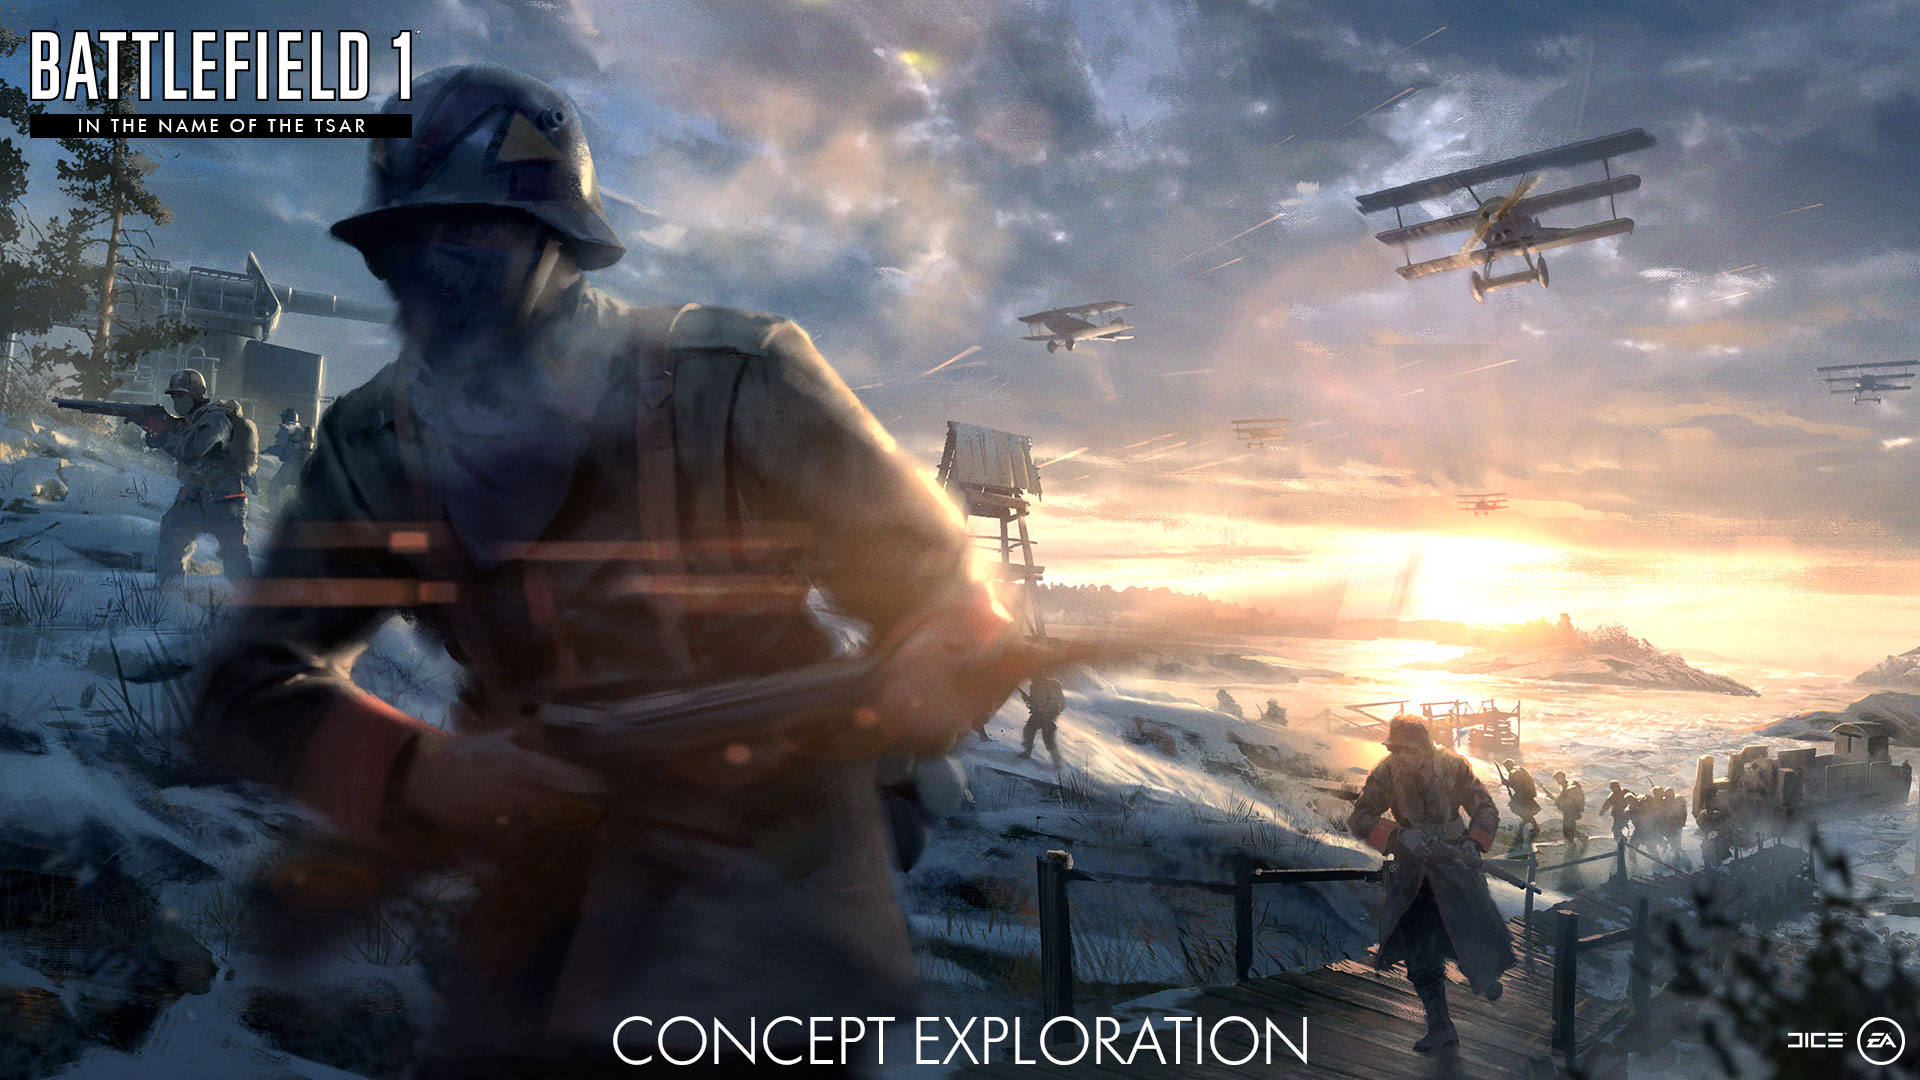 battlefield-1-descarga-el-dlc-in-the-name-of-the-tsar-gratis-por-tiempo-limitado-frikigamers.com